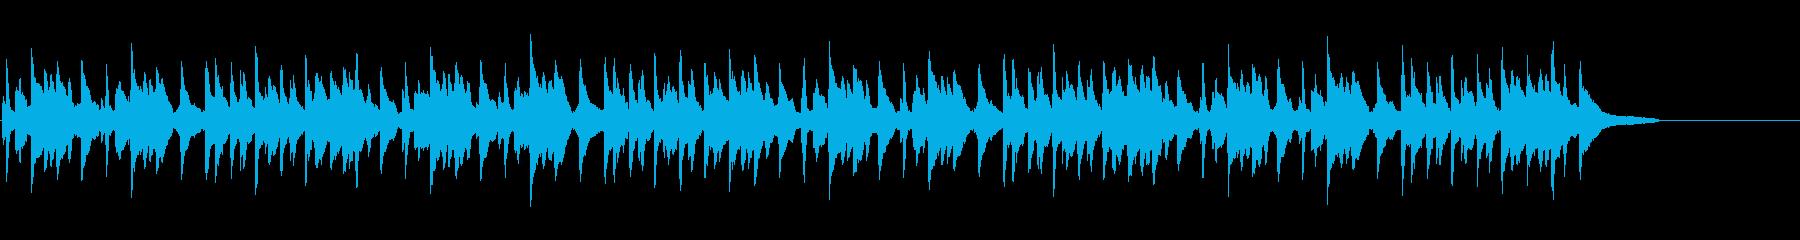 民謡(シューマン作曲)の再生済みの波形